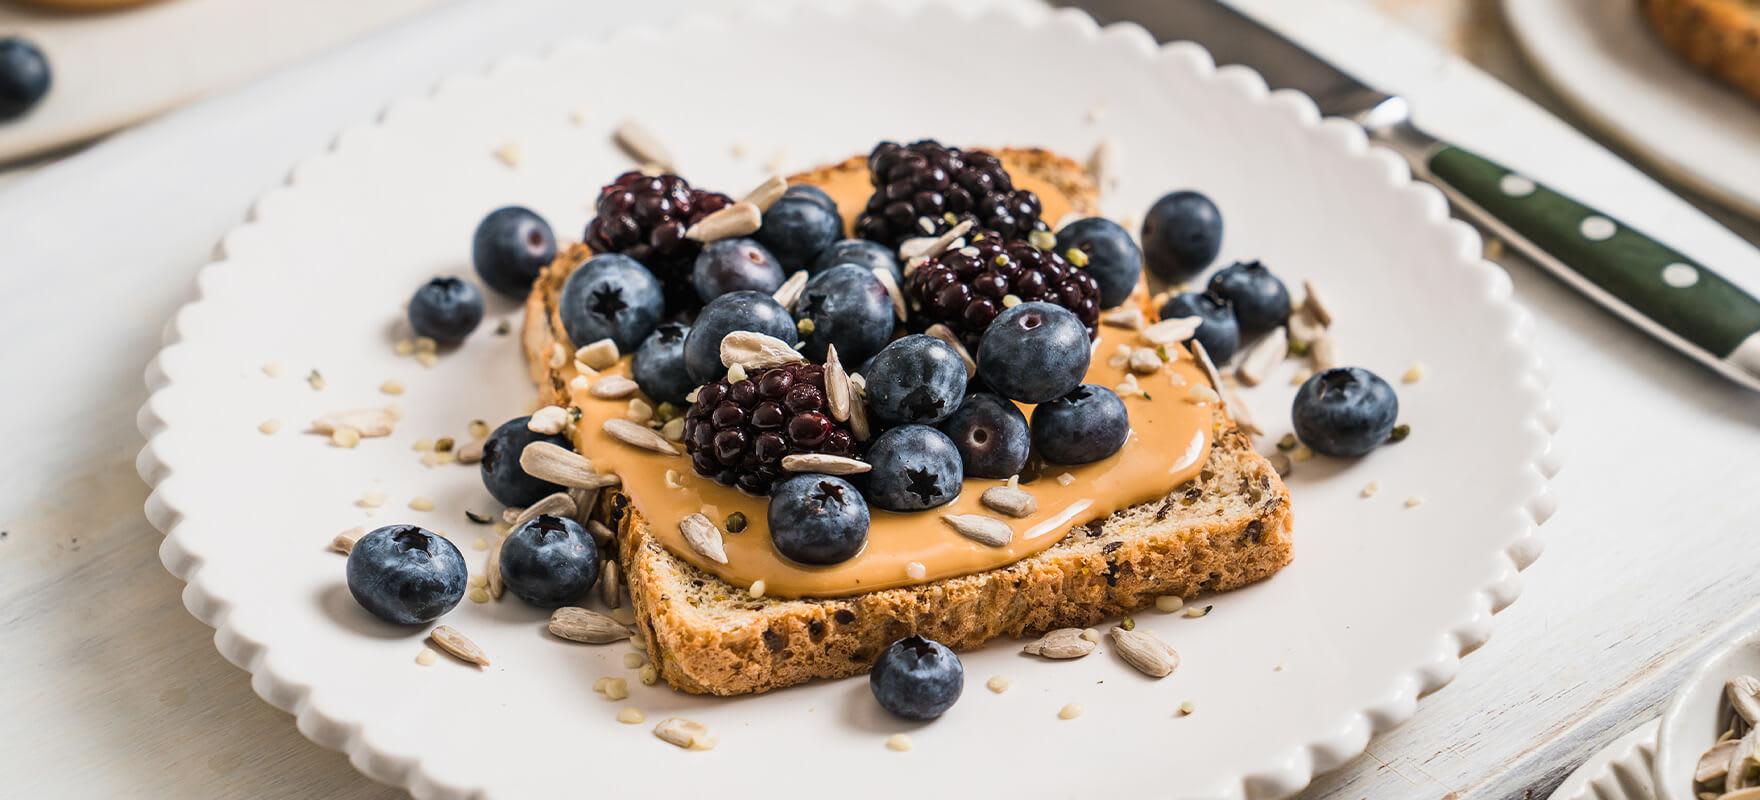 Peanut butter & purple berry toast image 2